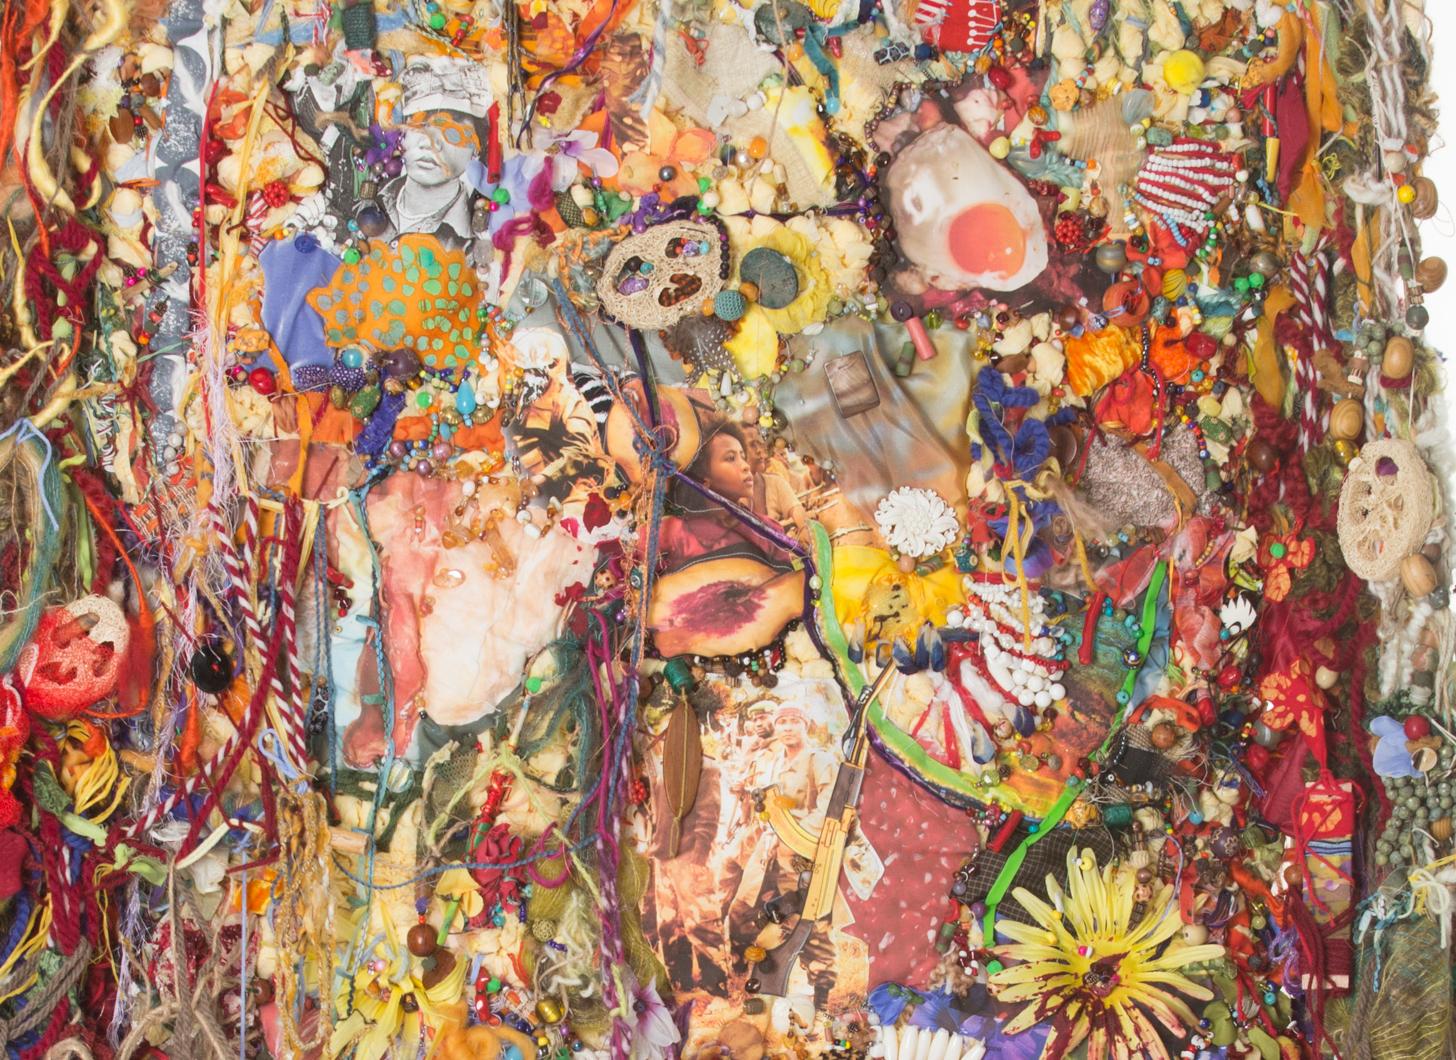 BloodflowersCropped.jpg